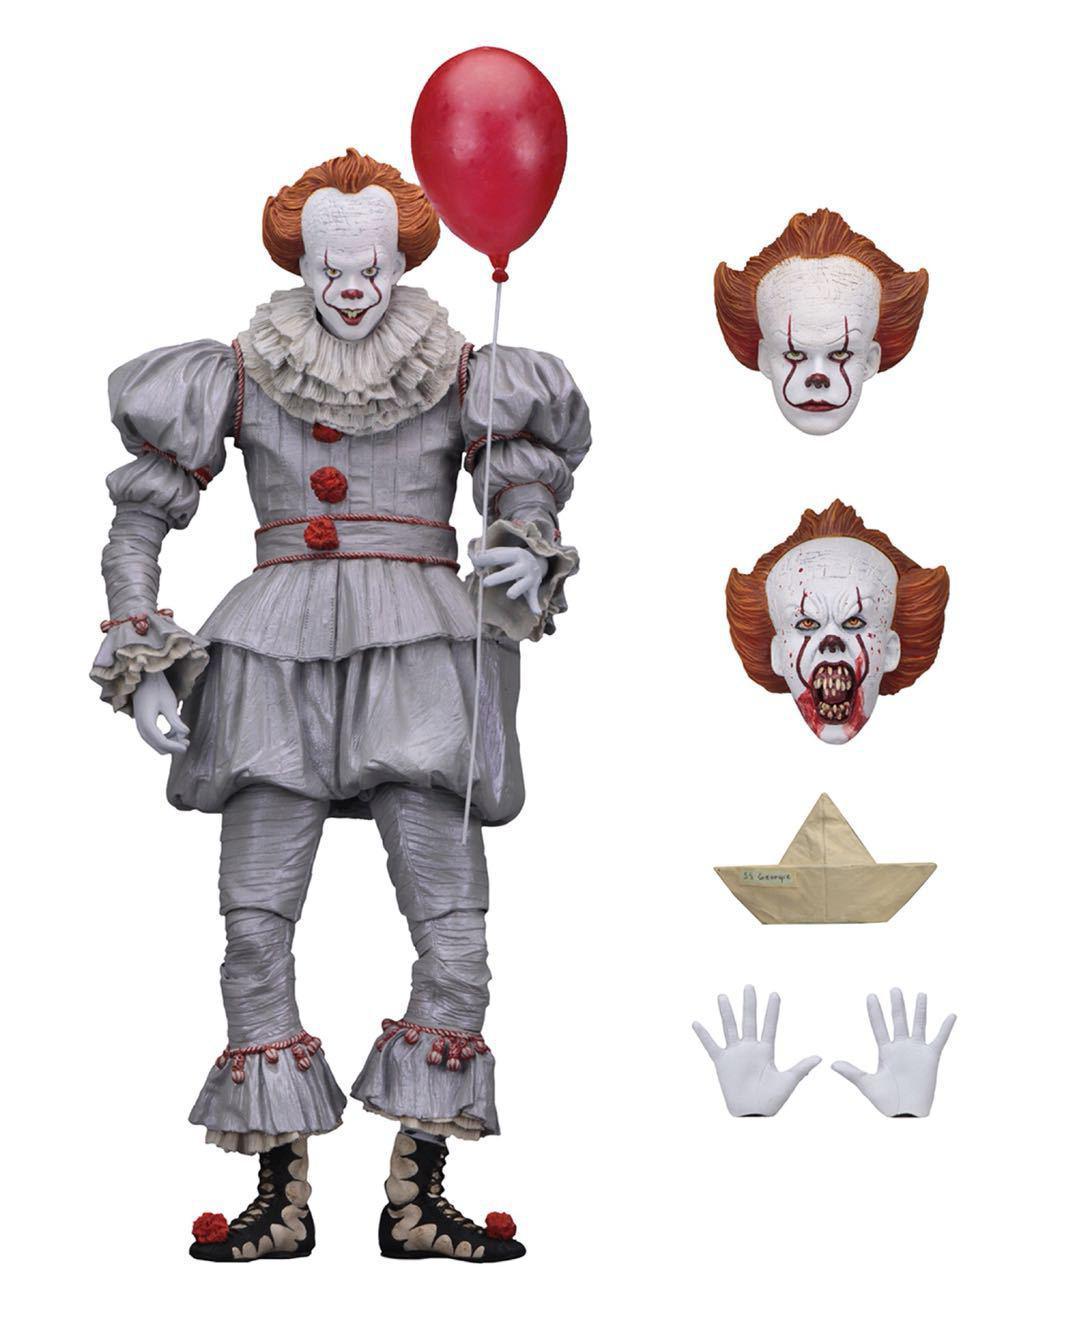 Neca оригинальный Стивен Кинг это Pennywise Джокер клоун BJD фигурка игрушки куклы 18 см